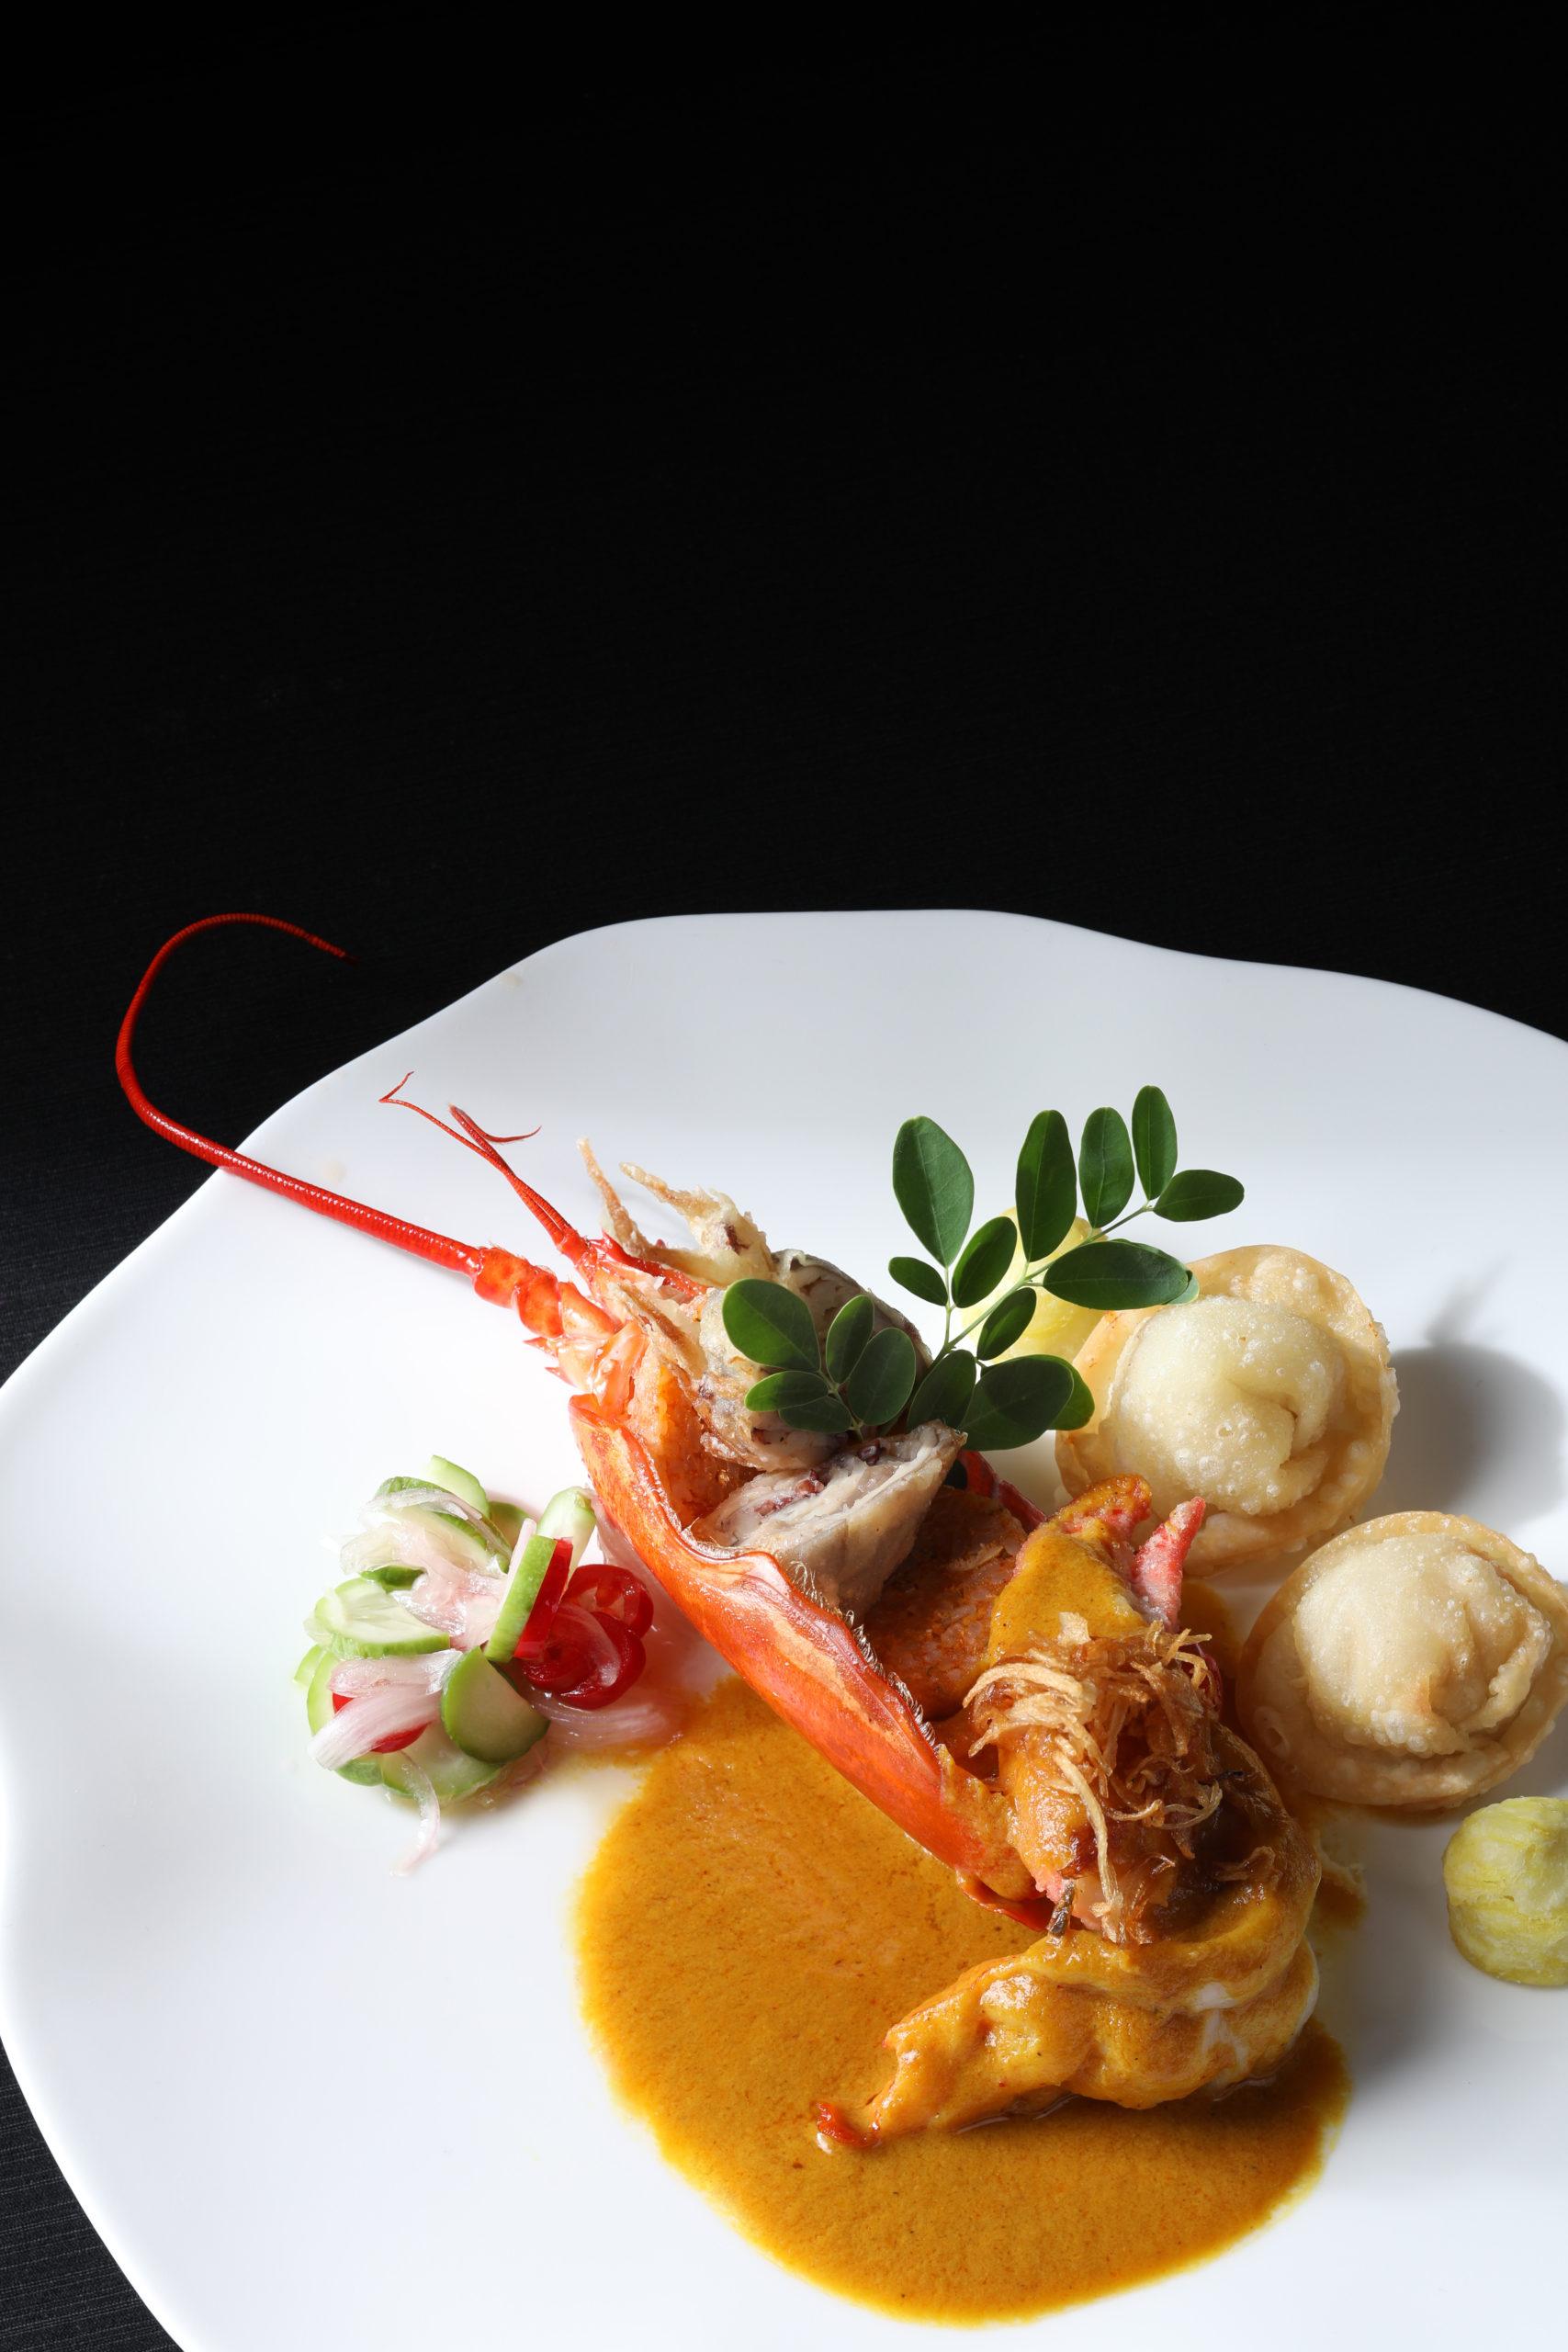 Royal Osha - แกงกระหรี่ Lobster ทอดกับข้าวทอดแหนมเห็ด